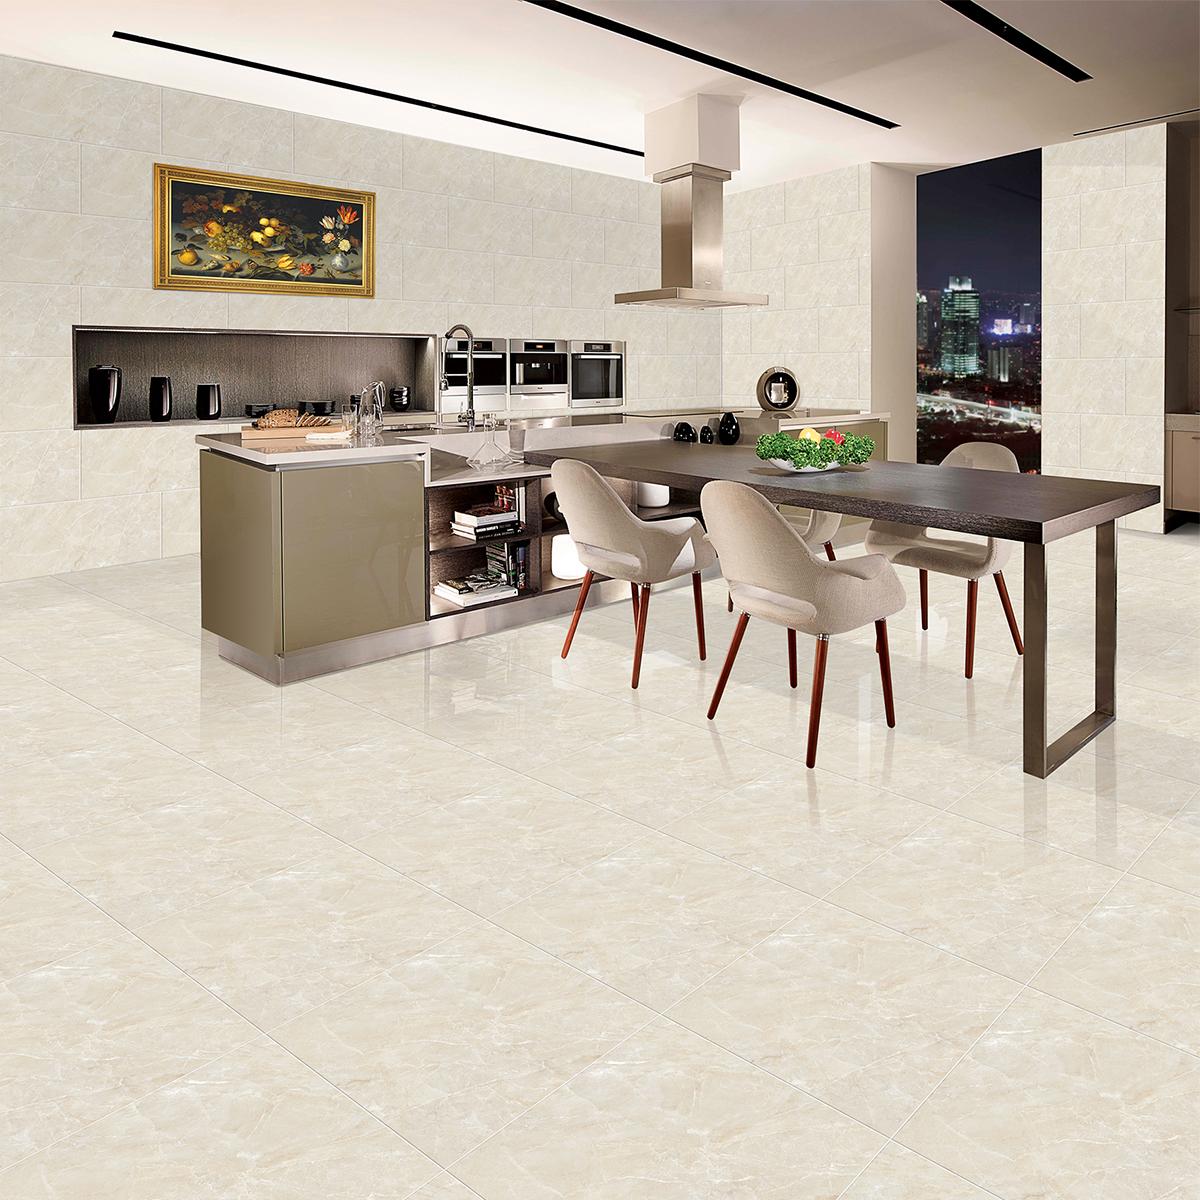 Cách chọn gạch lát nền nhà hài lòng về chất lượng và thẩm mỹ